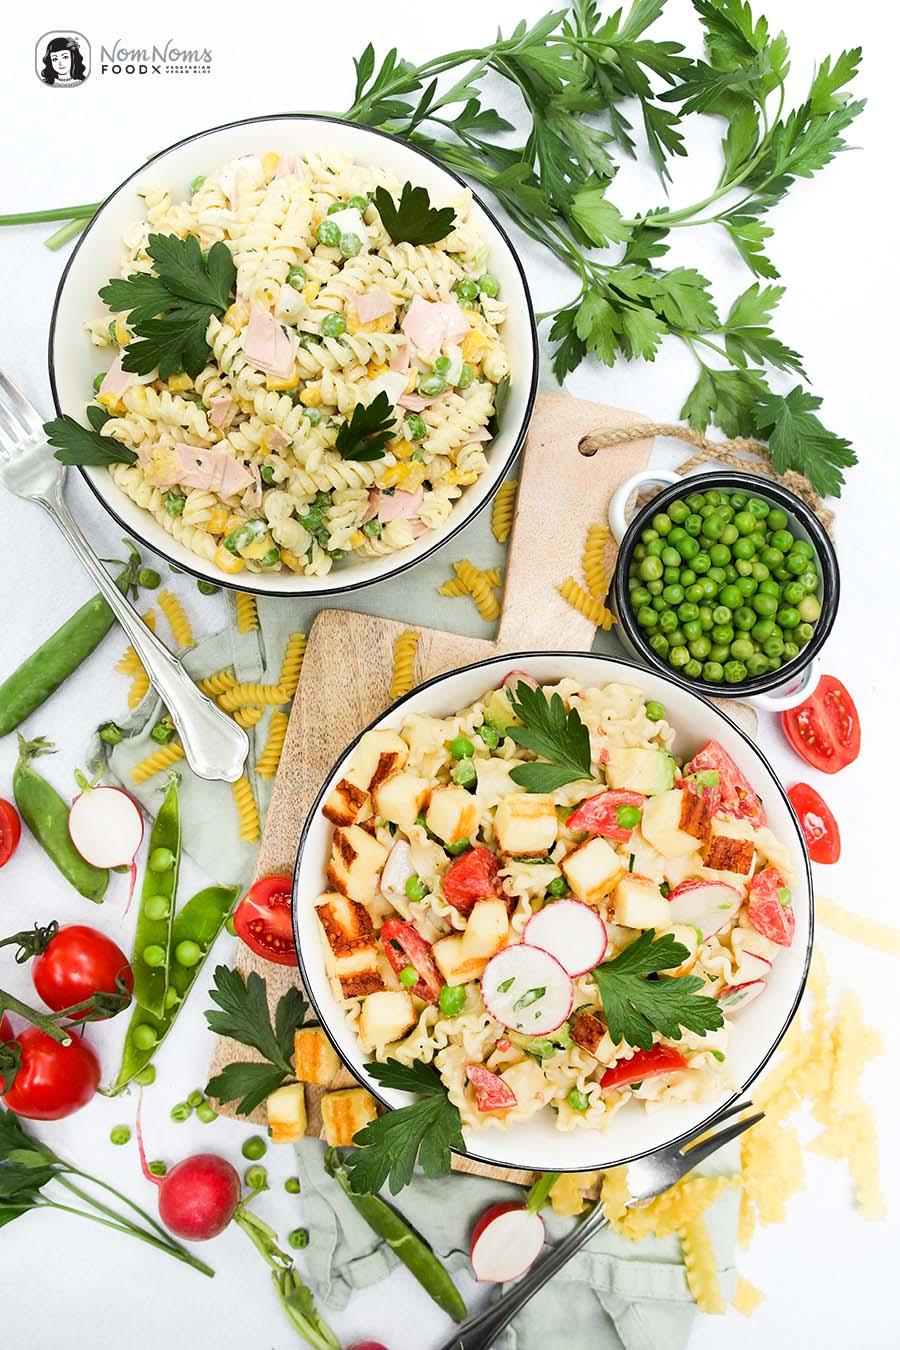 Zweierlei Nudelsalat: Klassischer Nudelsalat mit Mayonnaise und sommerlich frischer Nudelsalat mit Joghurt-Senf-Balsamico-Dressing und Grillkäse-Würfeln